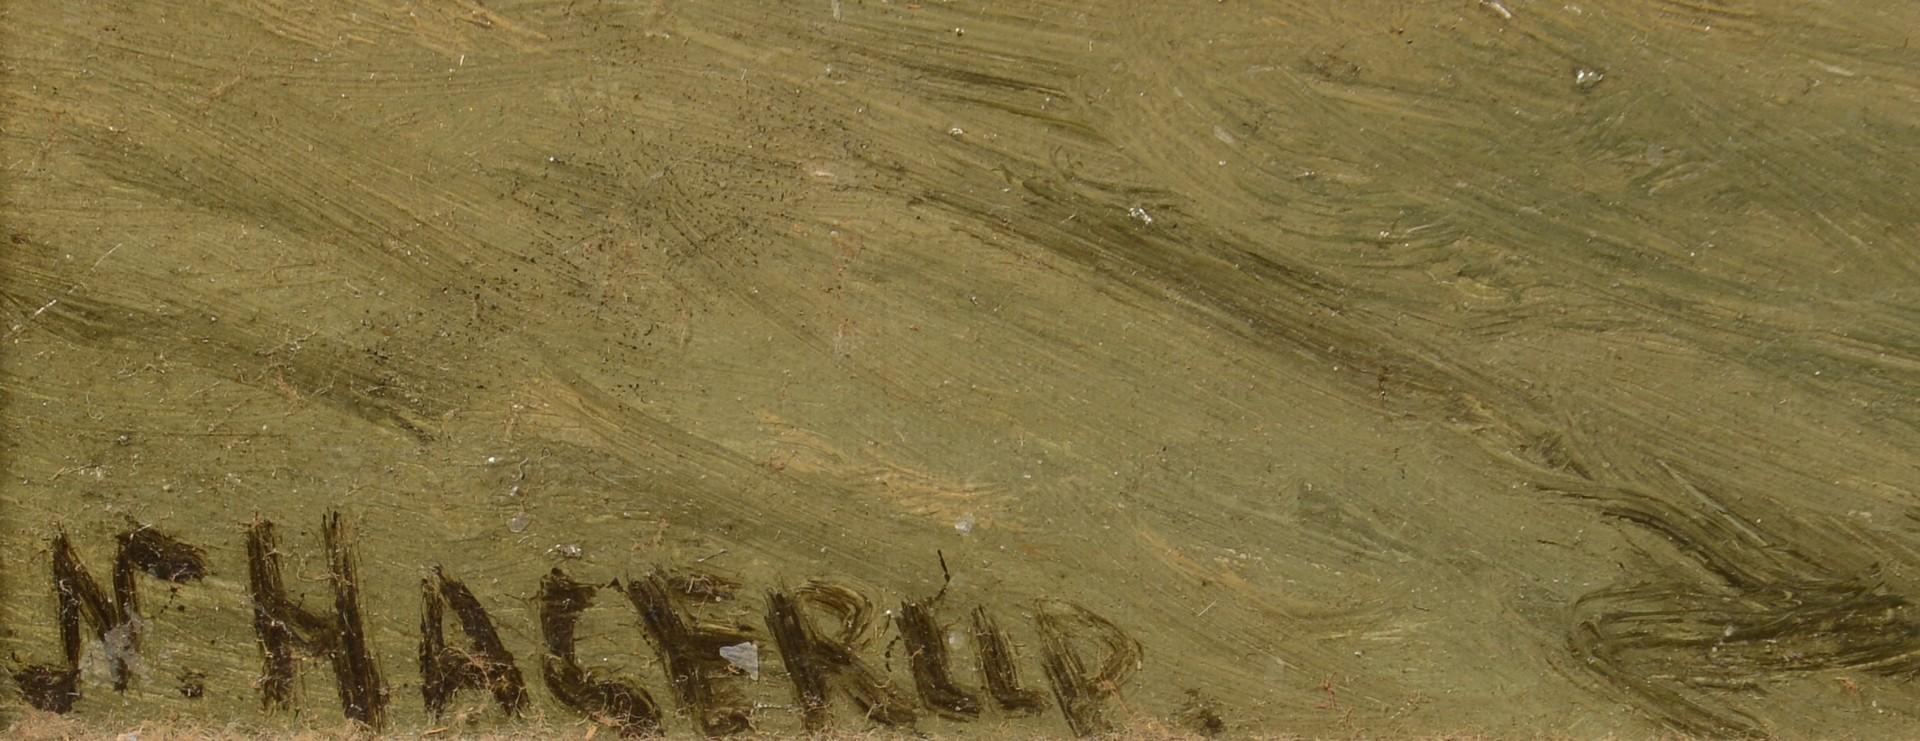 Lot 758: Nels Hagerup Oil on Board Seascape